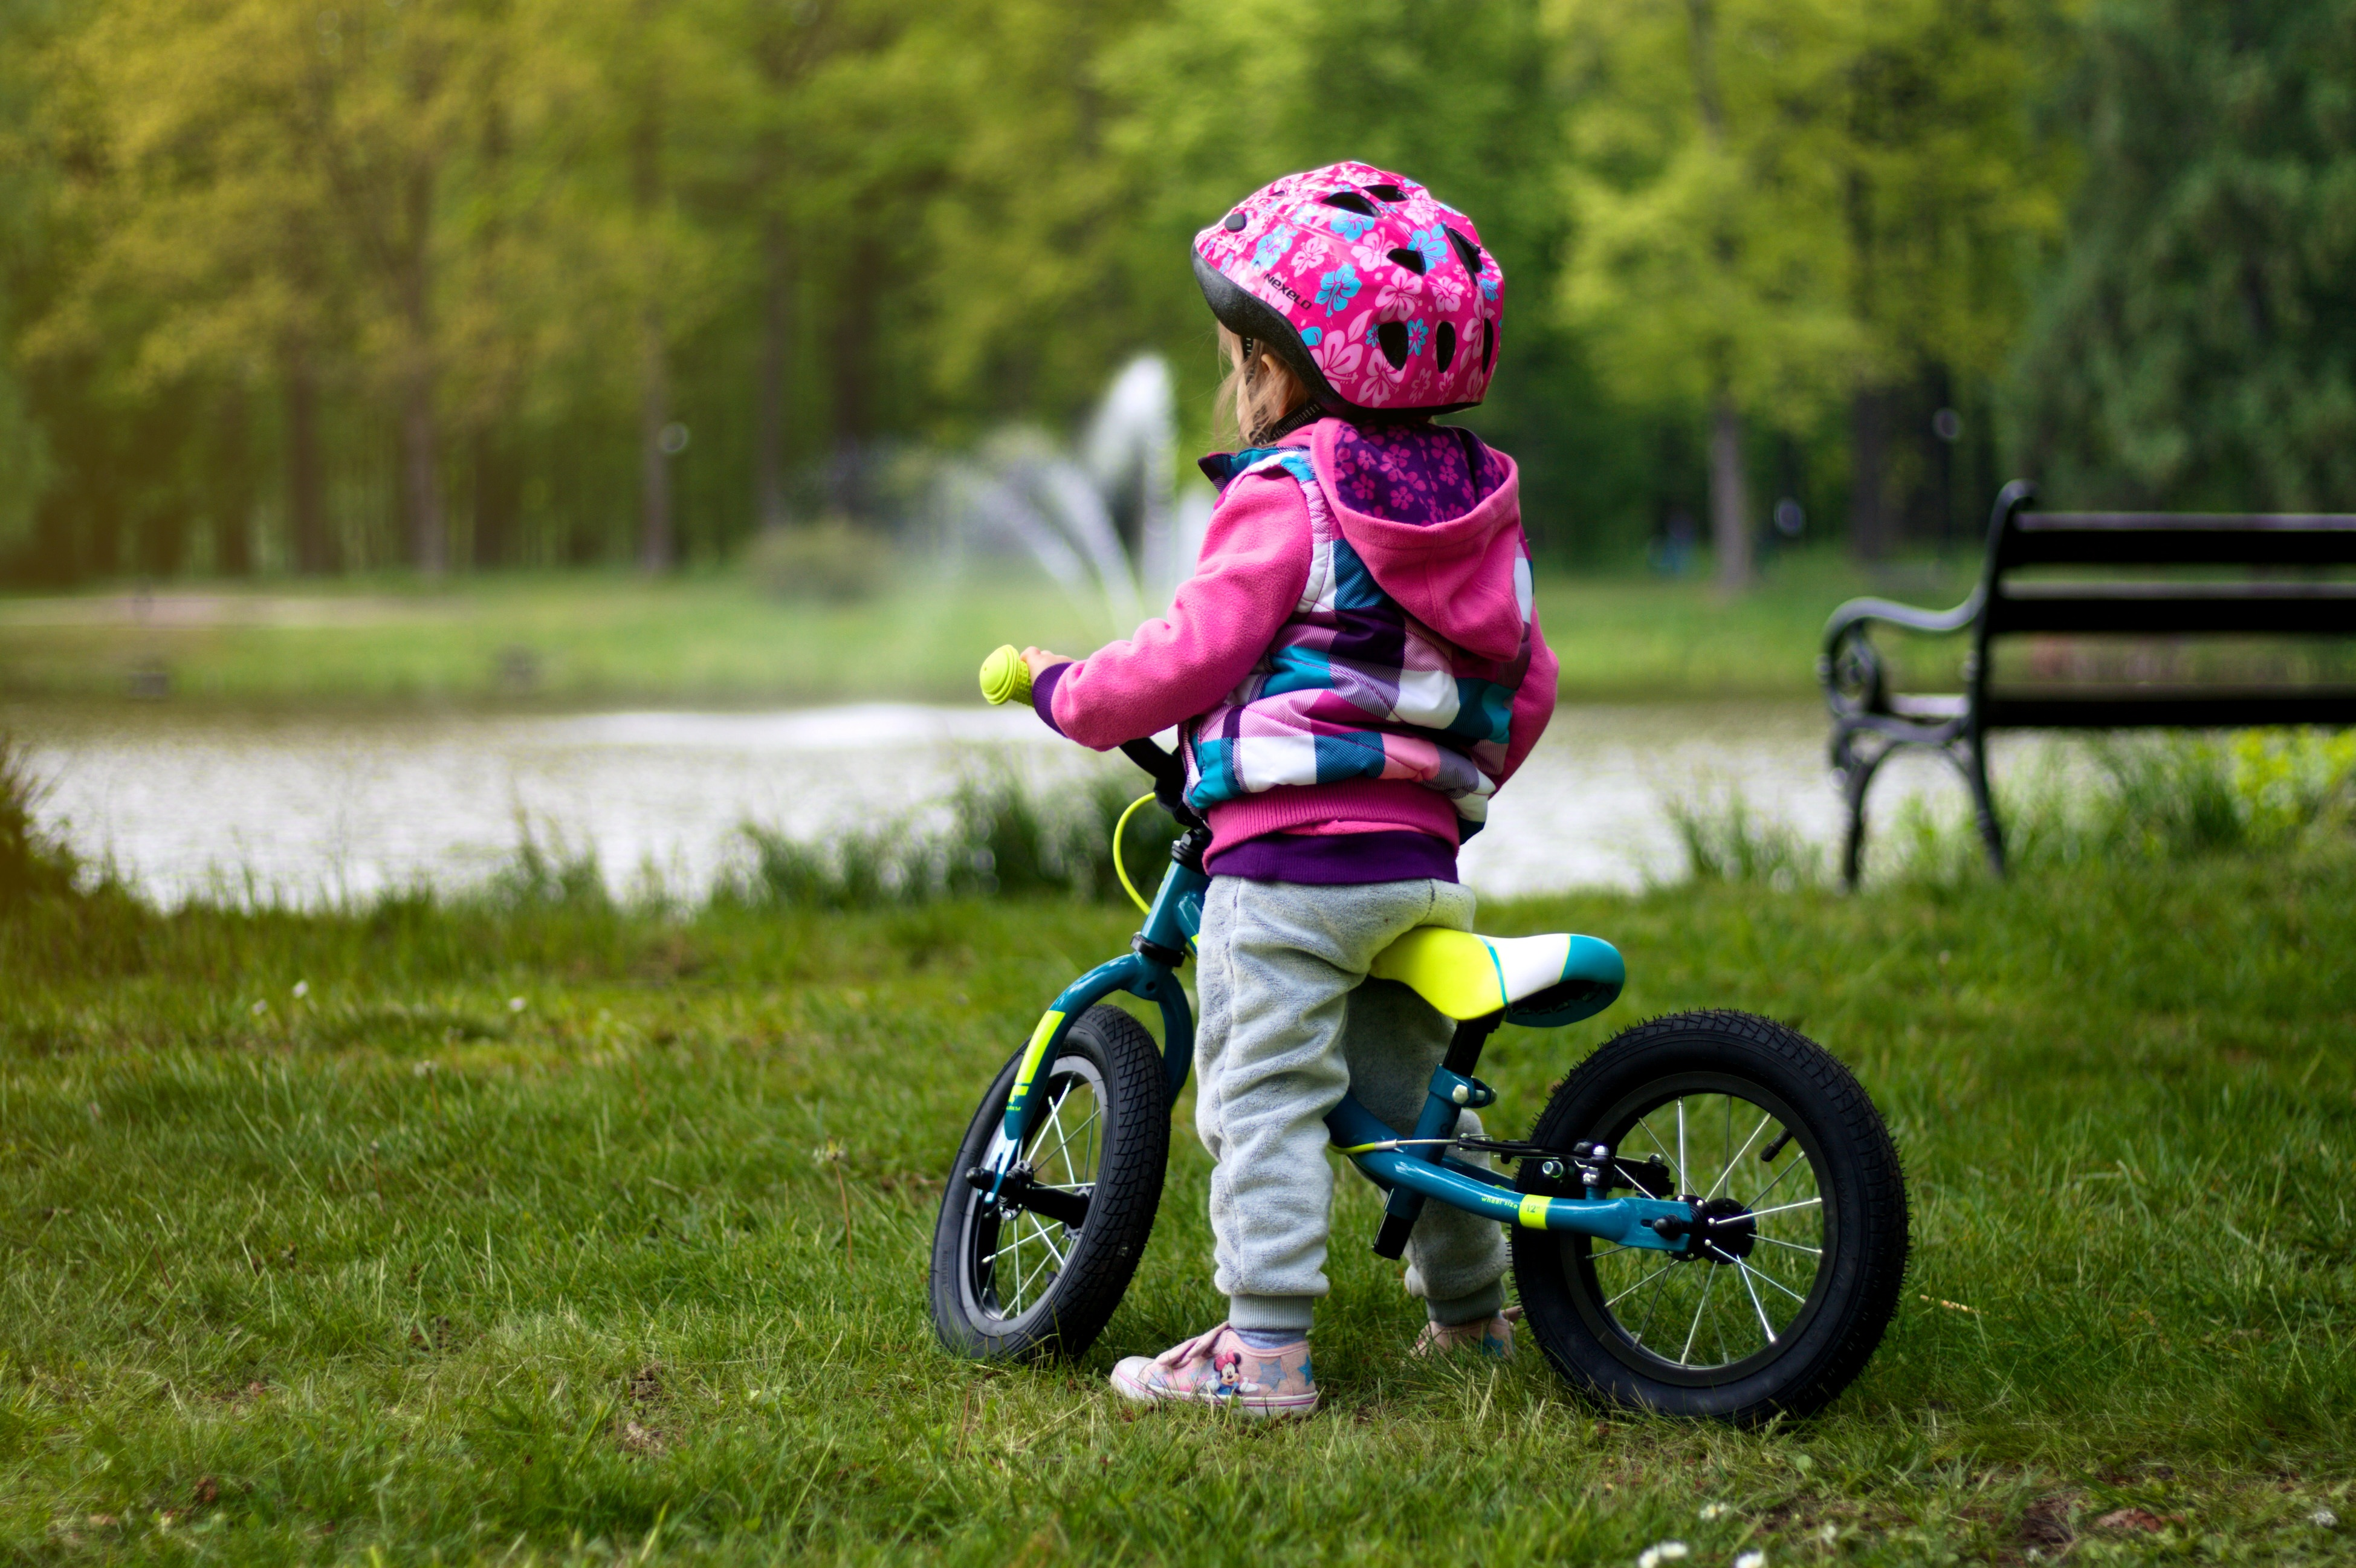 Bilder Kleine Mädchen Helm kind fahrräder Gras Kinder Fahrrad